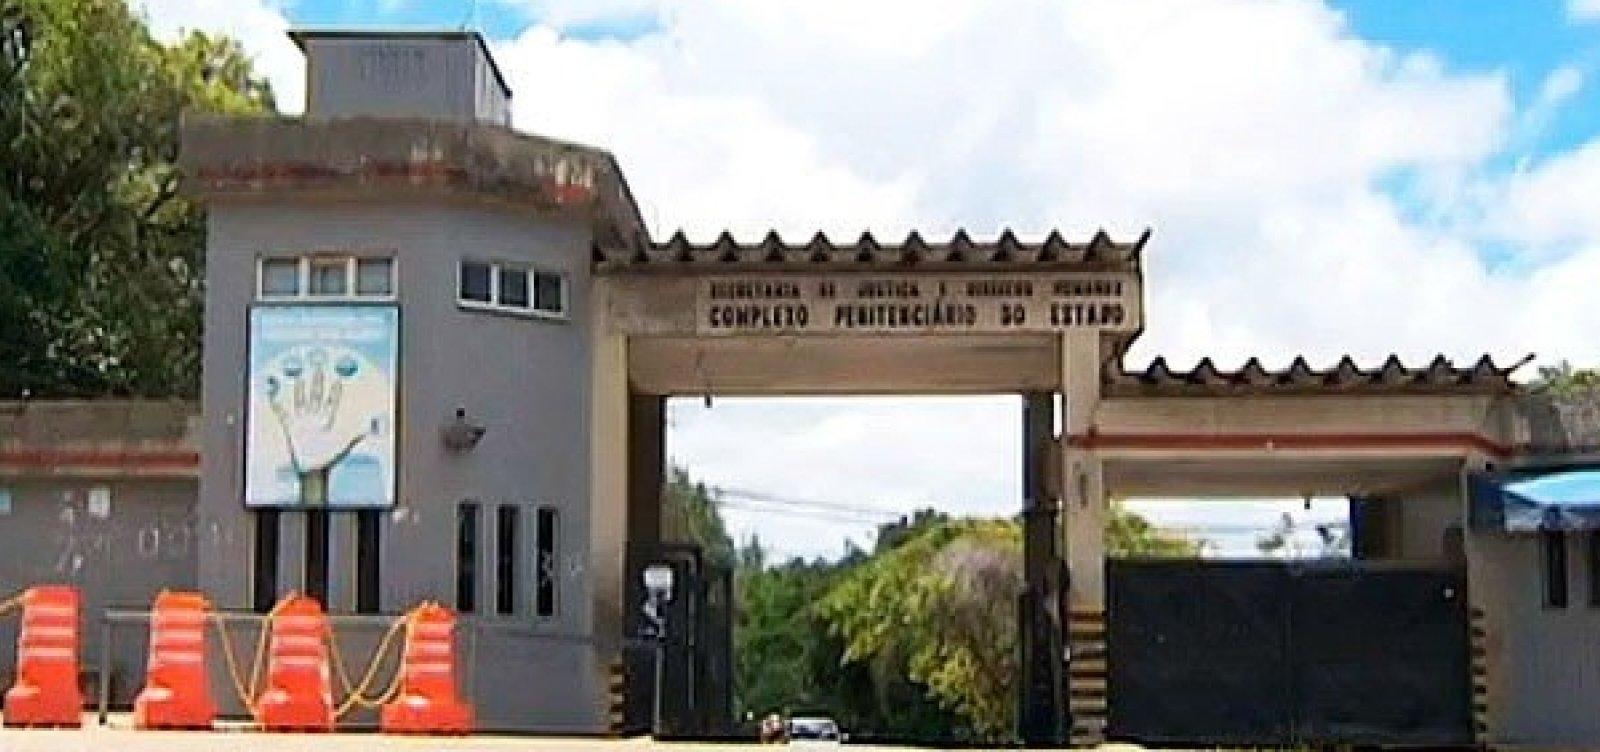 Sete presos fogem de presídio em Salvador